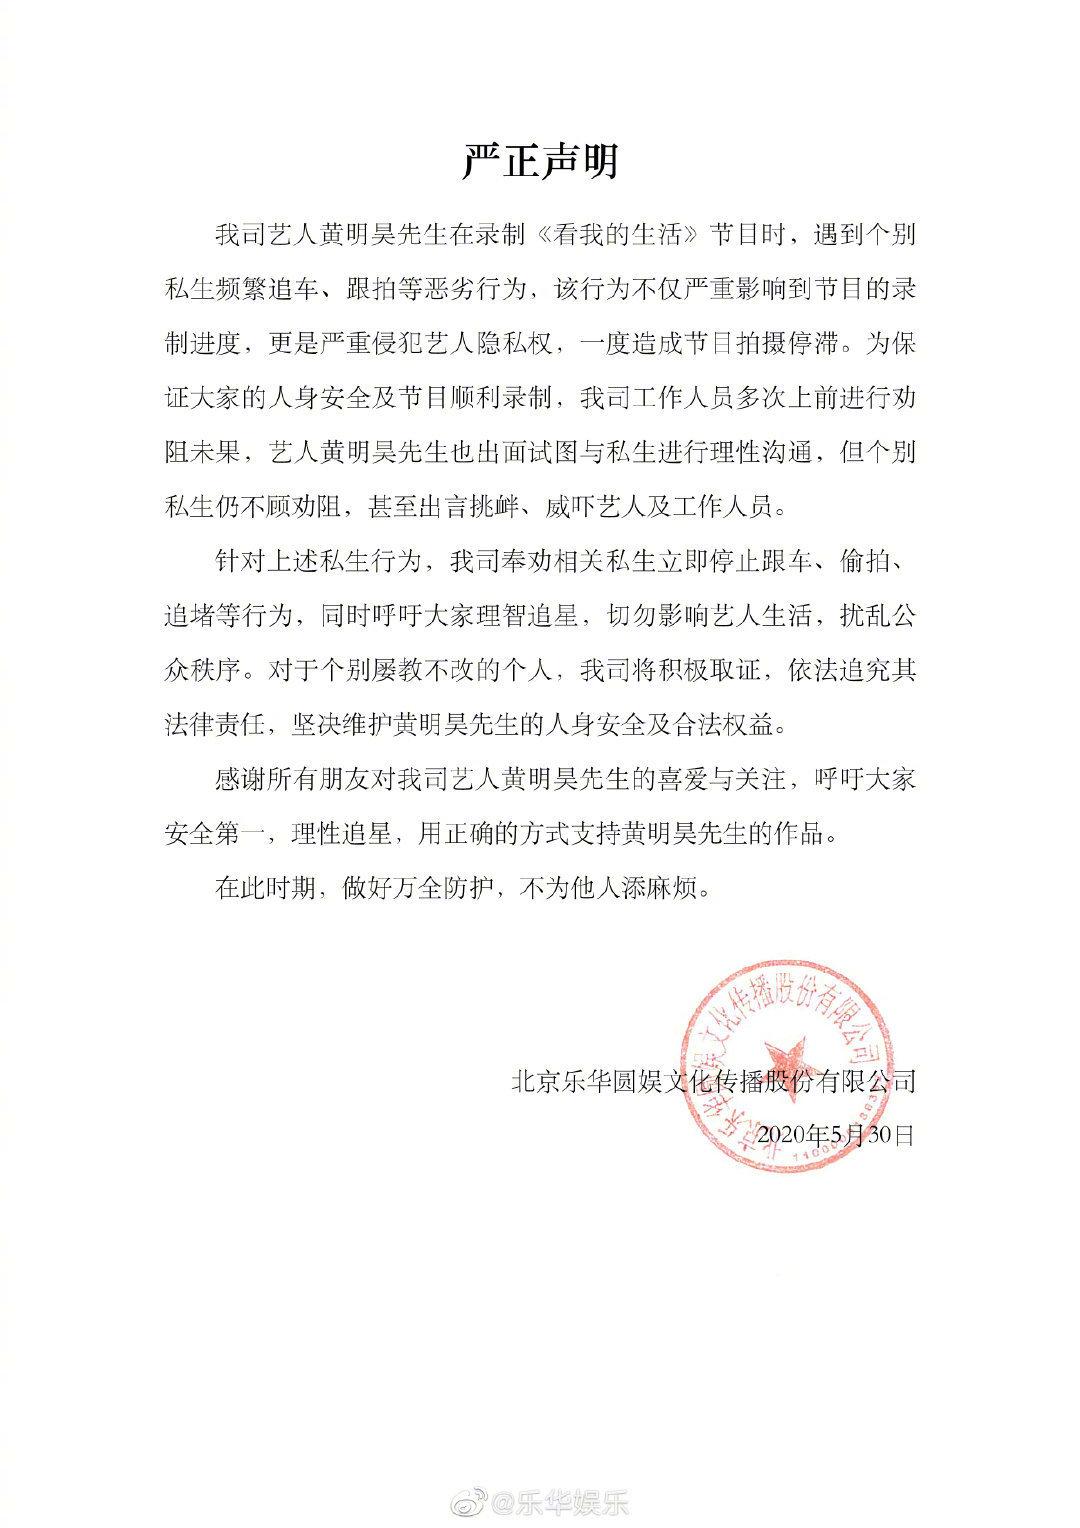 乐华娱乐对黄明昊遭到私生频繁追车、跟拍一事发表声明